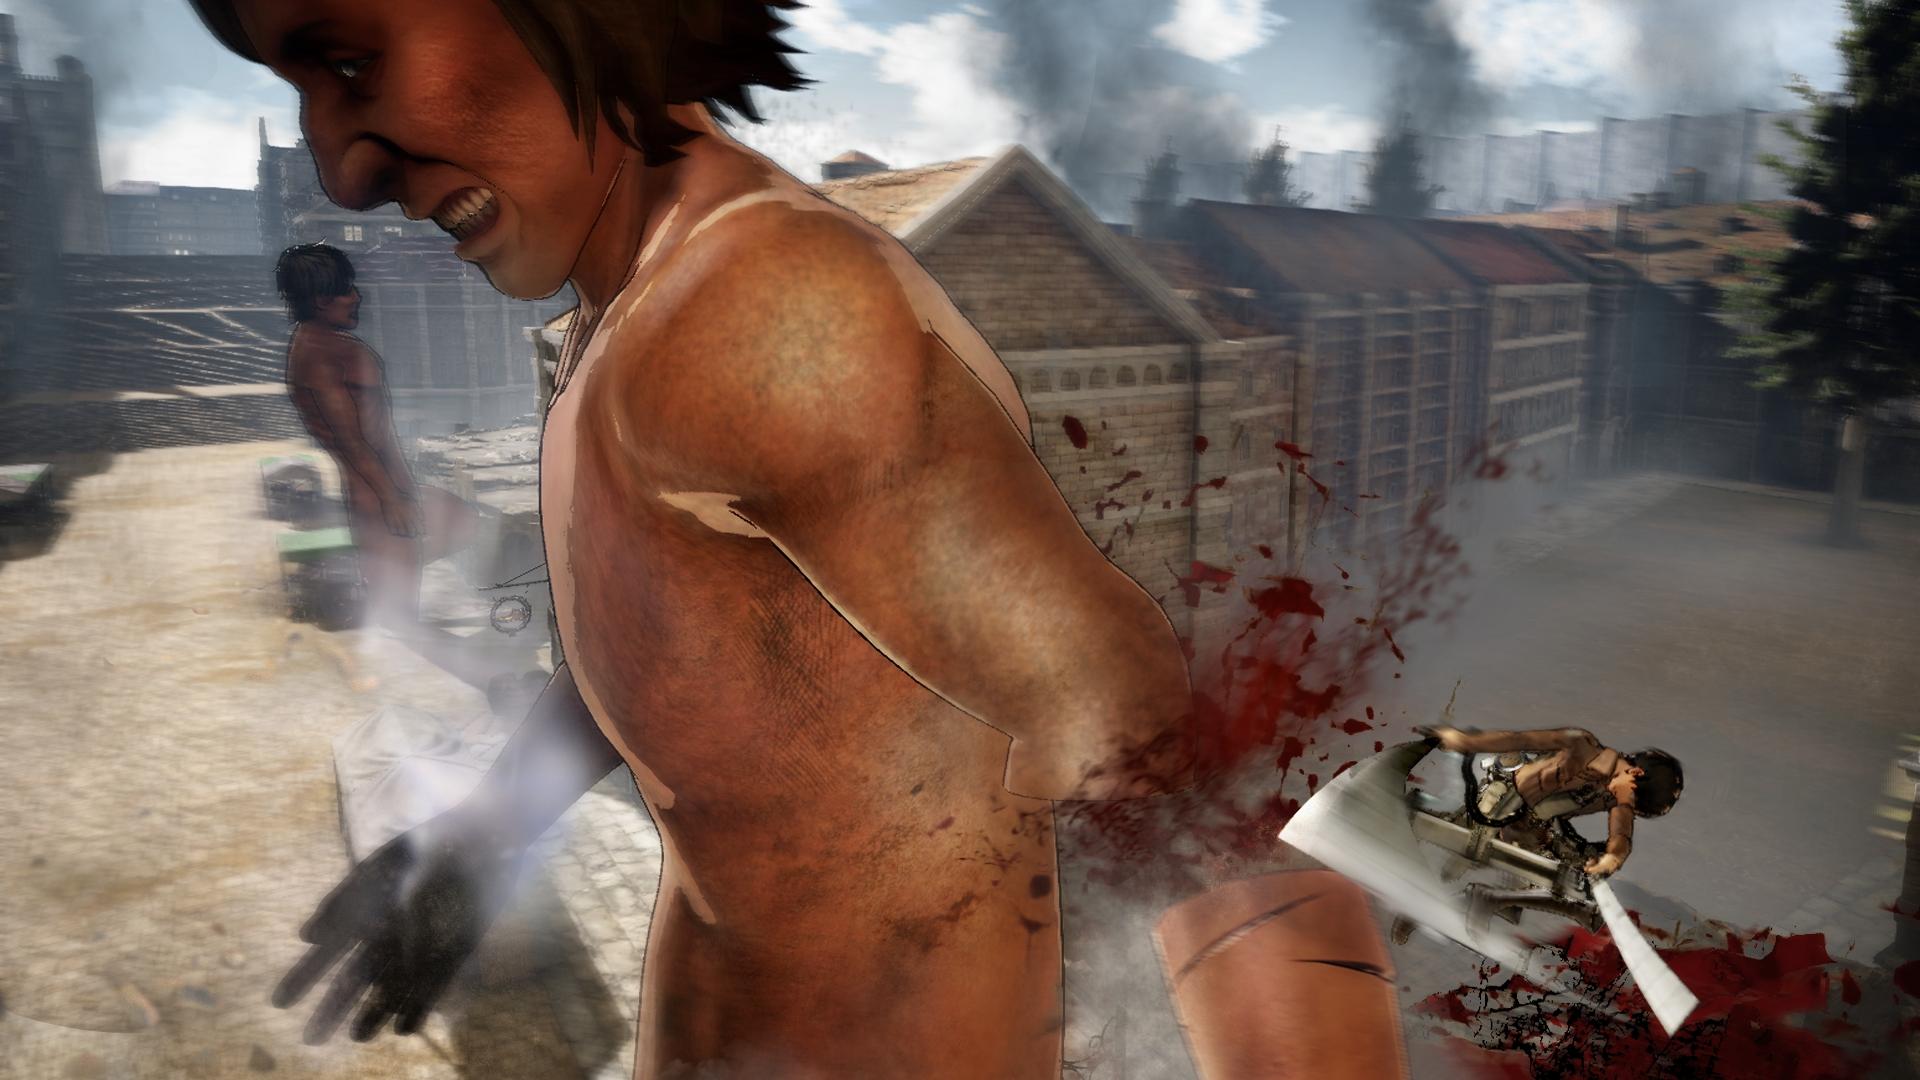 Attack on Titan vychází v srpnu také na Xbox One a PC 122016